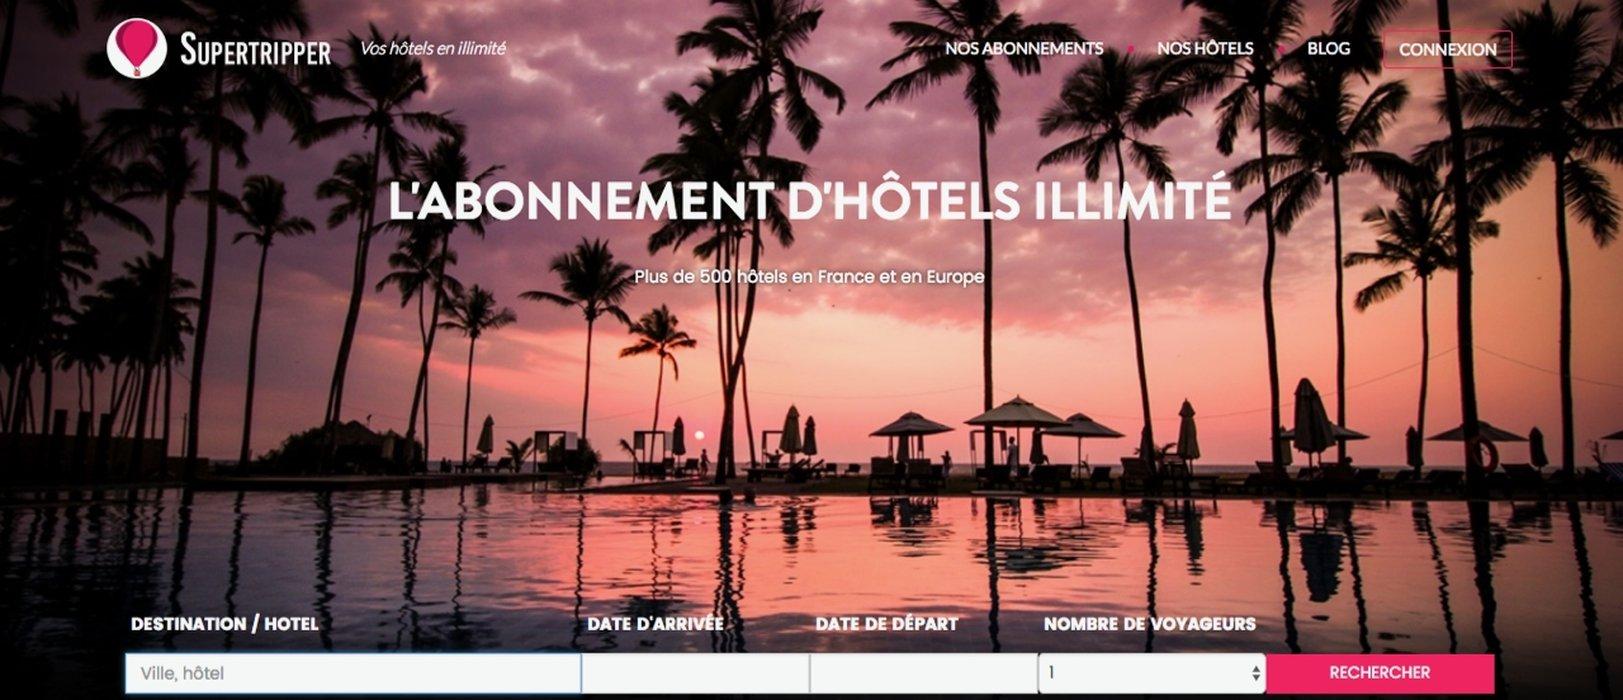 Supertripper-abonnement-hotel-illimite-les-boomeuses-femme-50-ans_Webmagazine